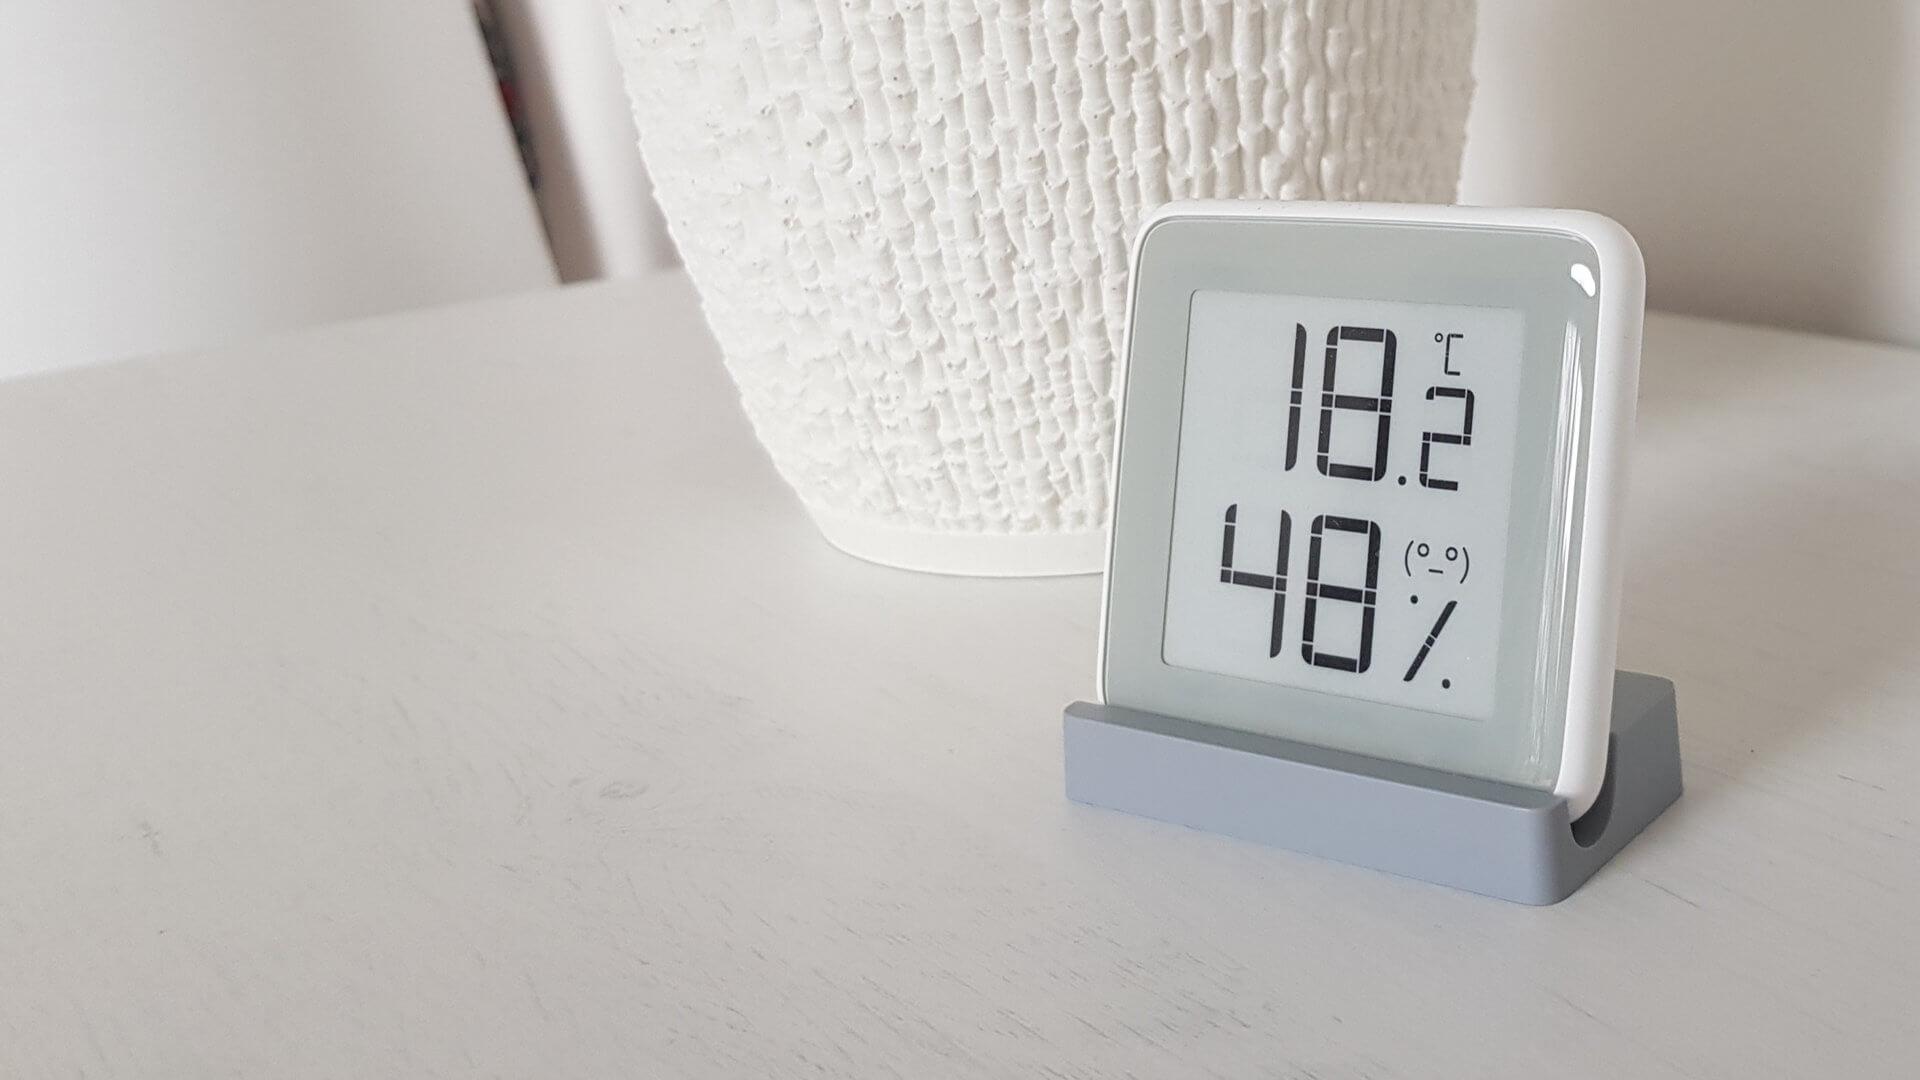 Schlafzimmer Luftfeuchtigkeit Erhöhen